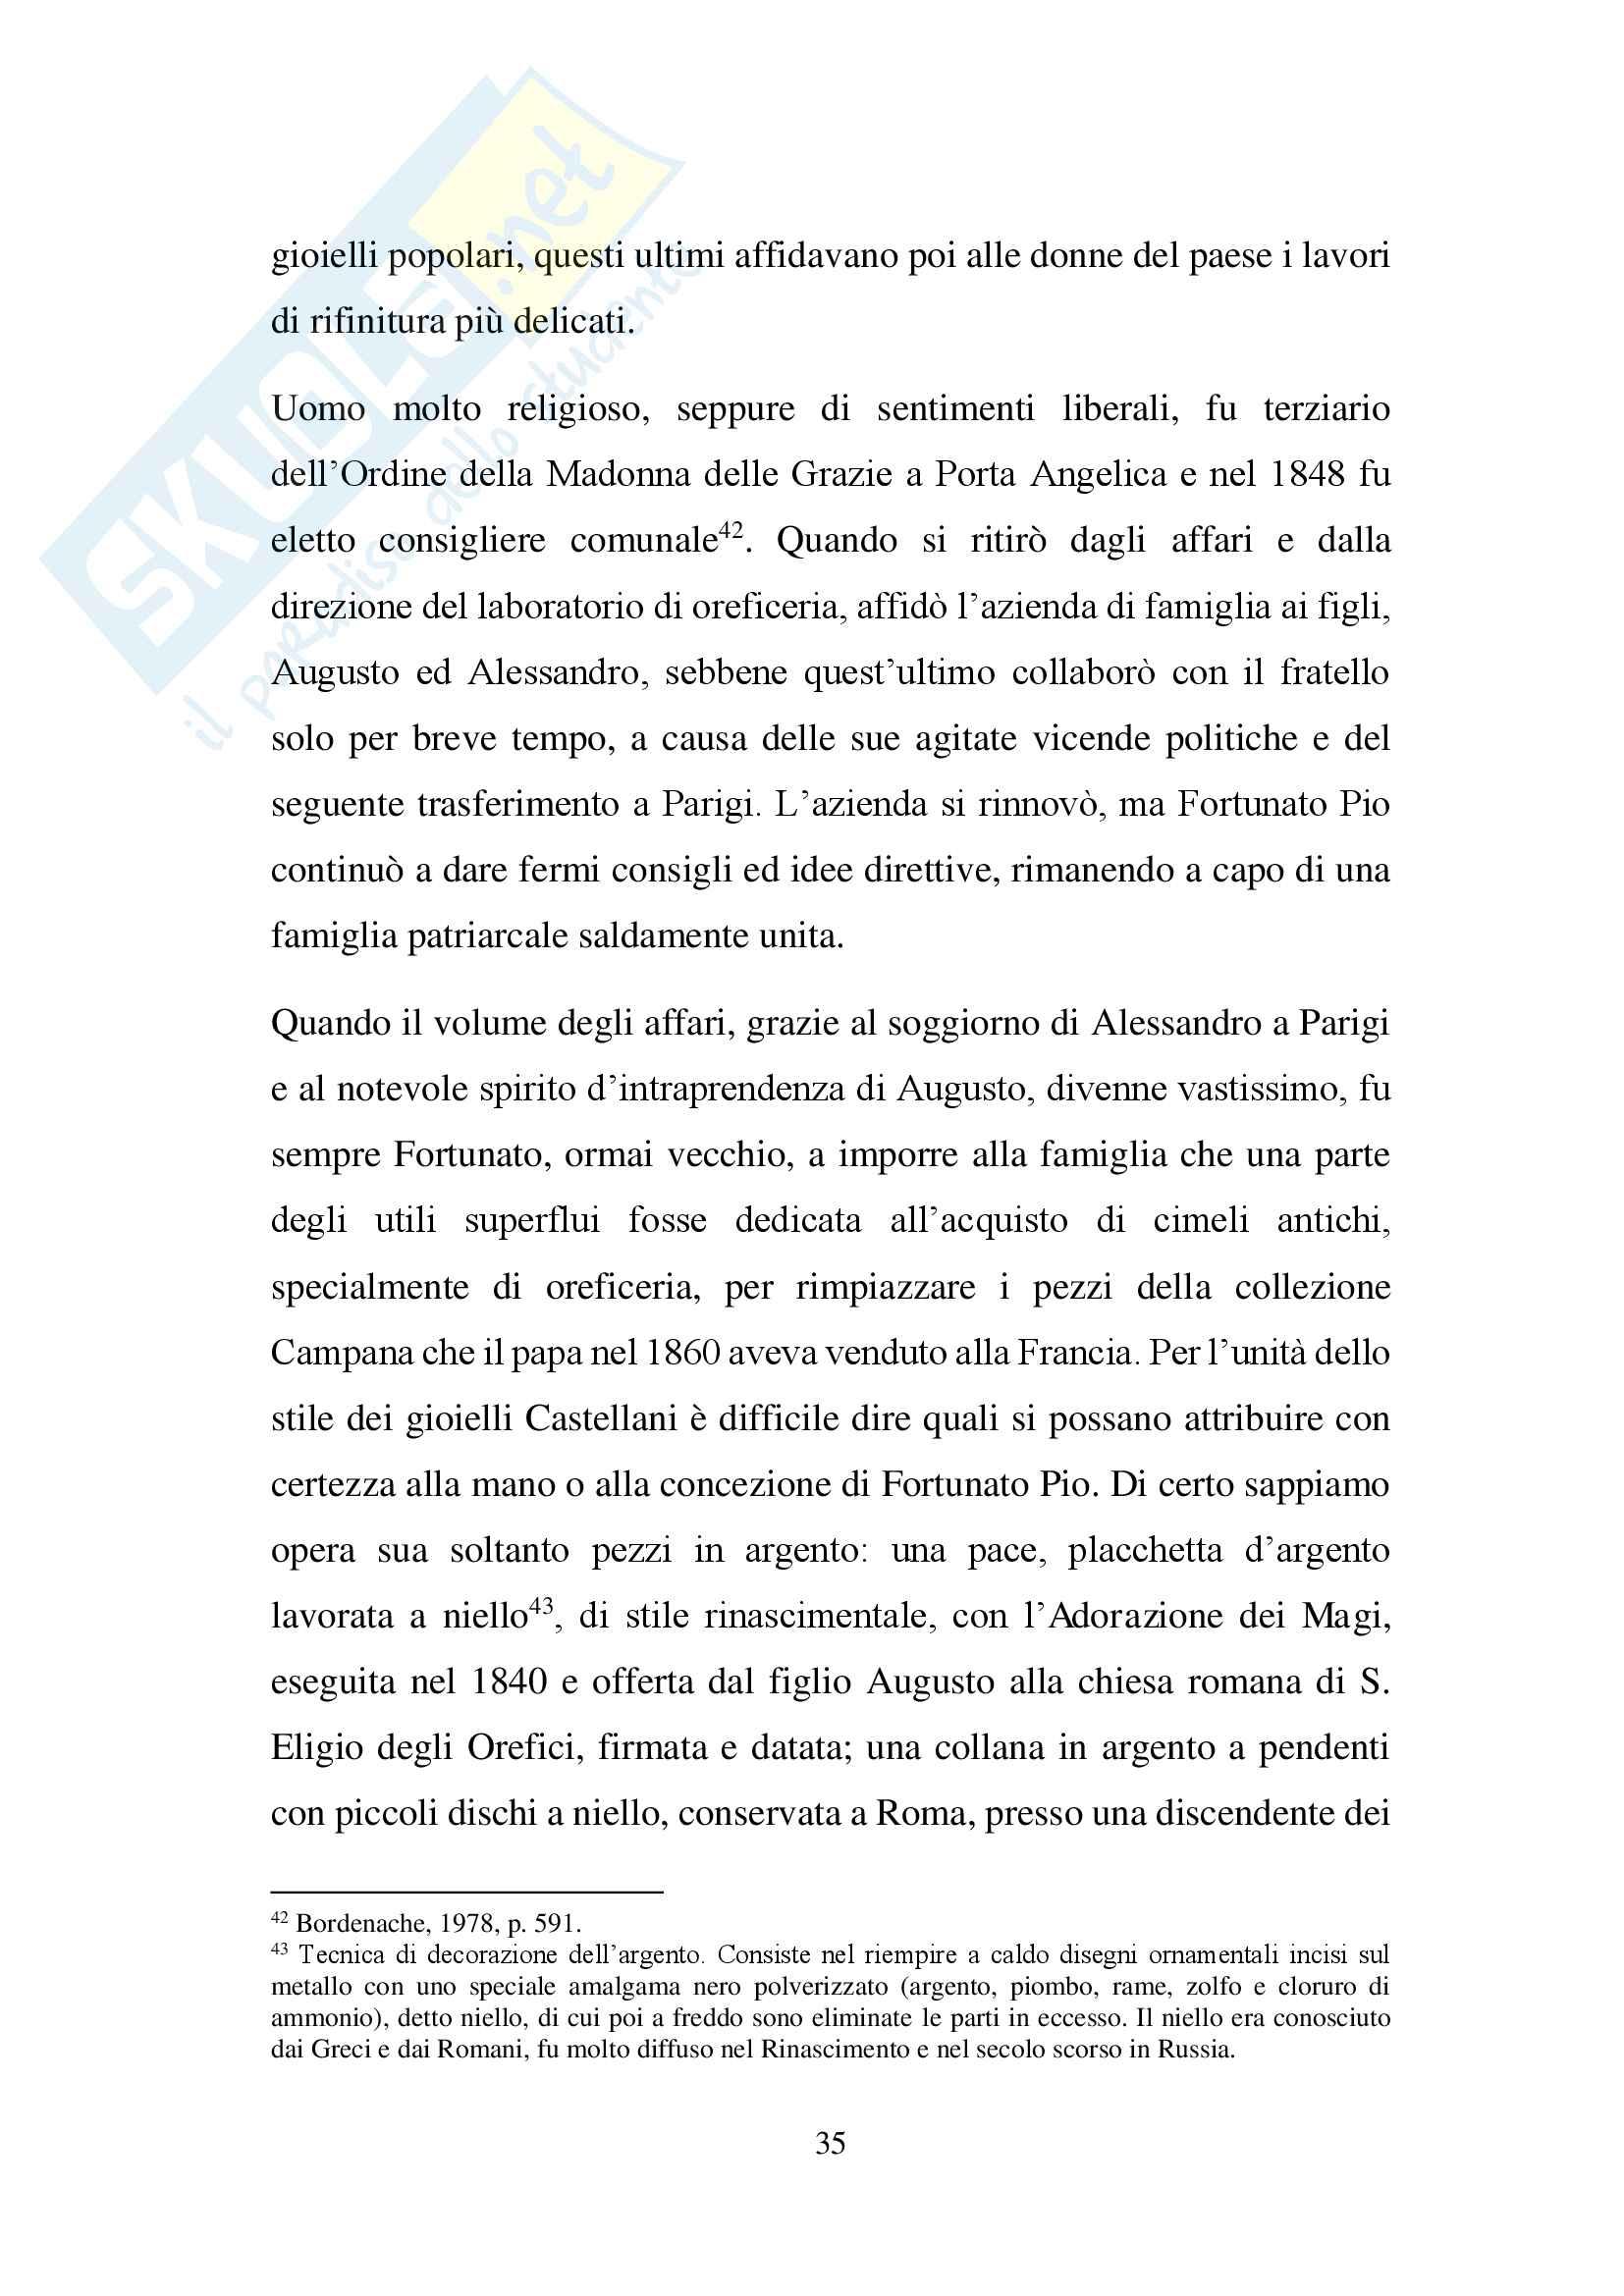 Oreficerie Castellani: Tesi di laurea sull'oreficeria dell'800 storia e tecniche artistiche Pag. 36